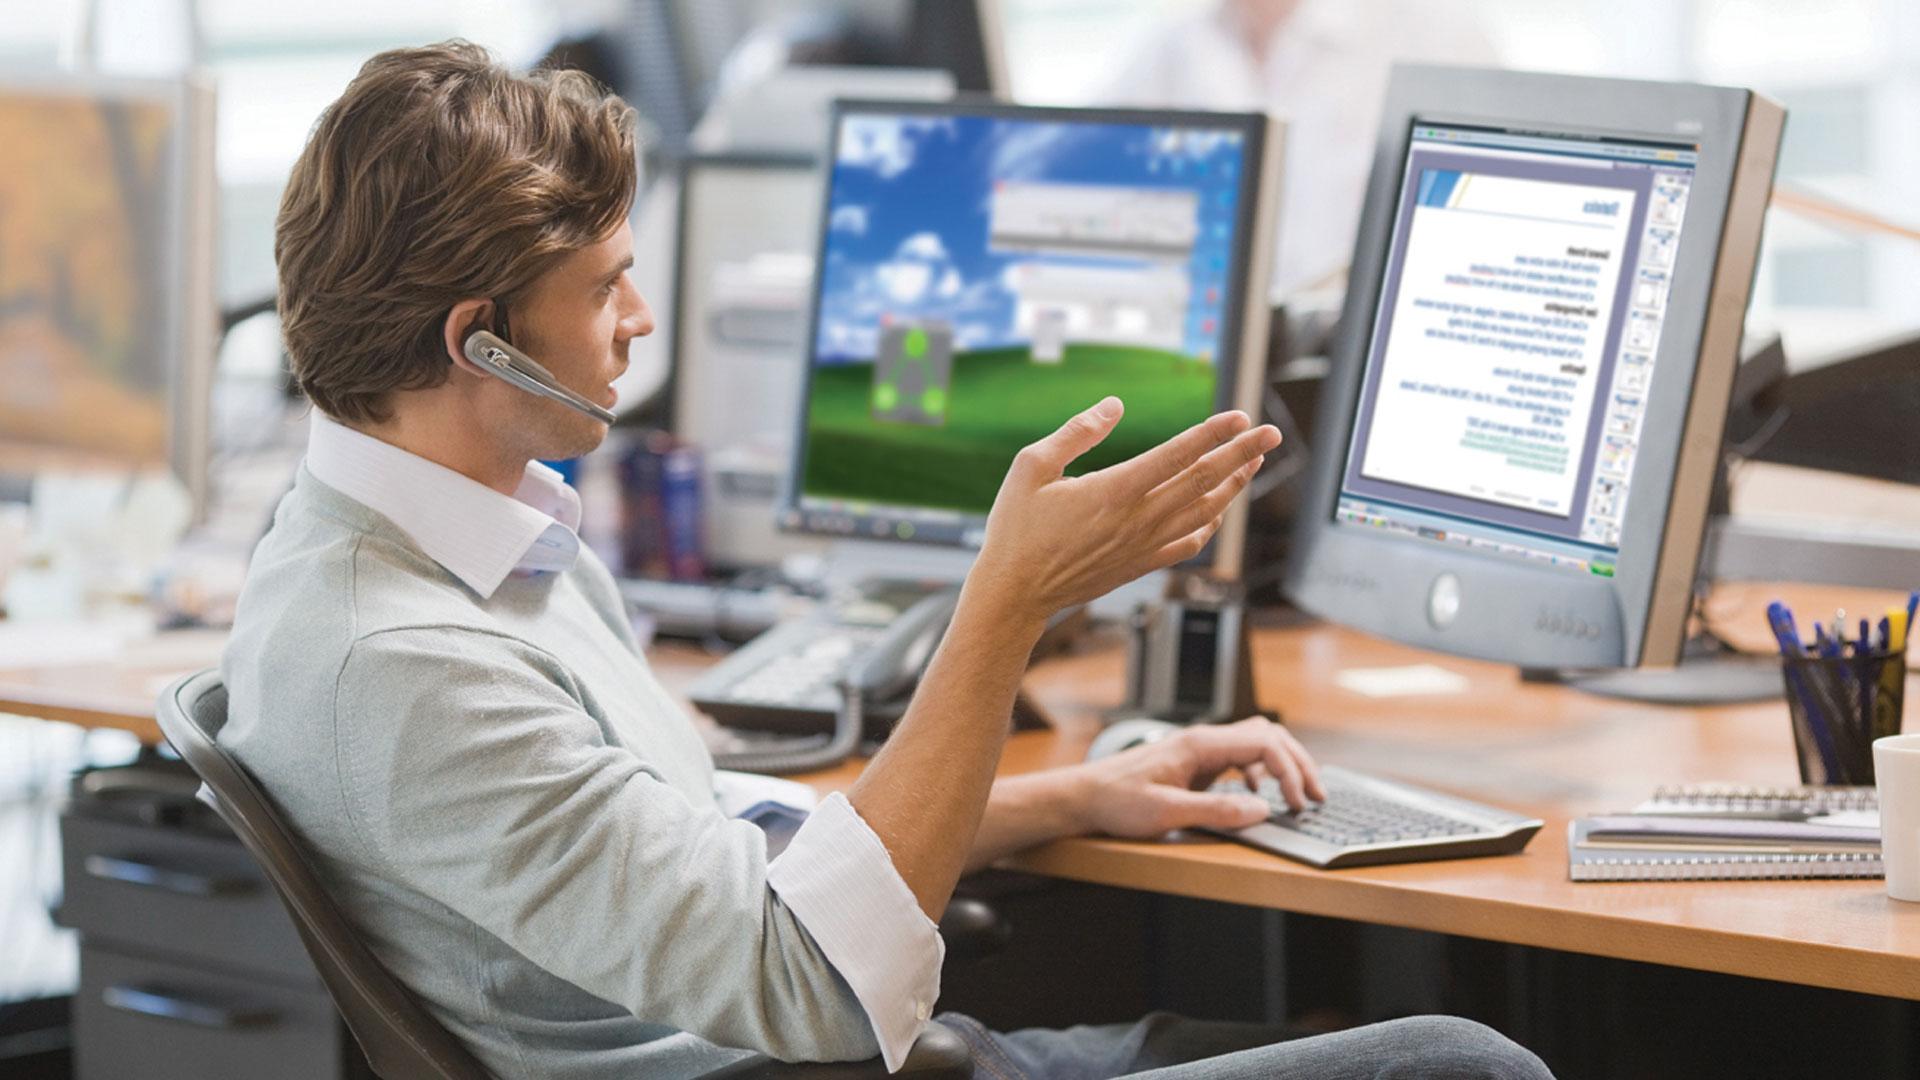 Администраторы сайтов отвечают за поддержку работоспособности сайта и обеспечение сетевой безопасности, управляют размещением, обновлением, модерацией контента